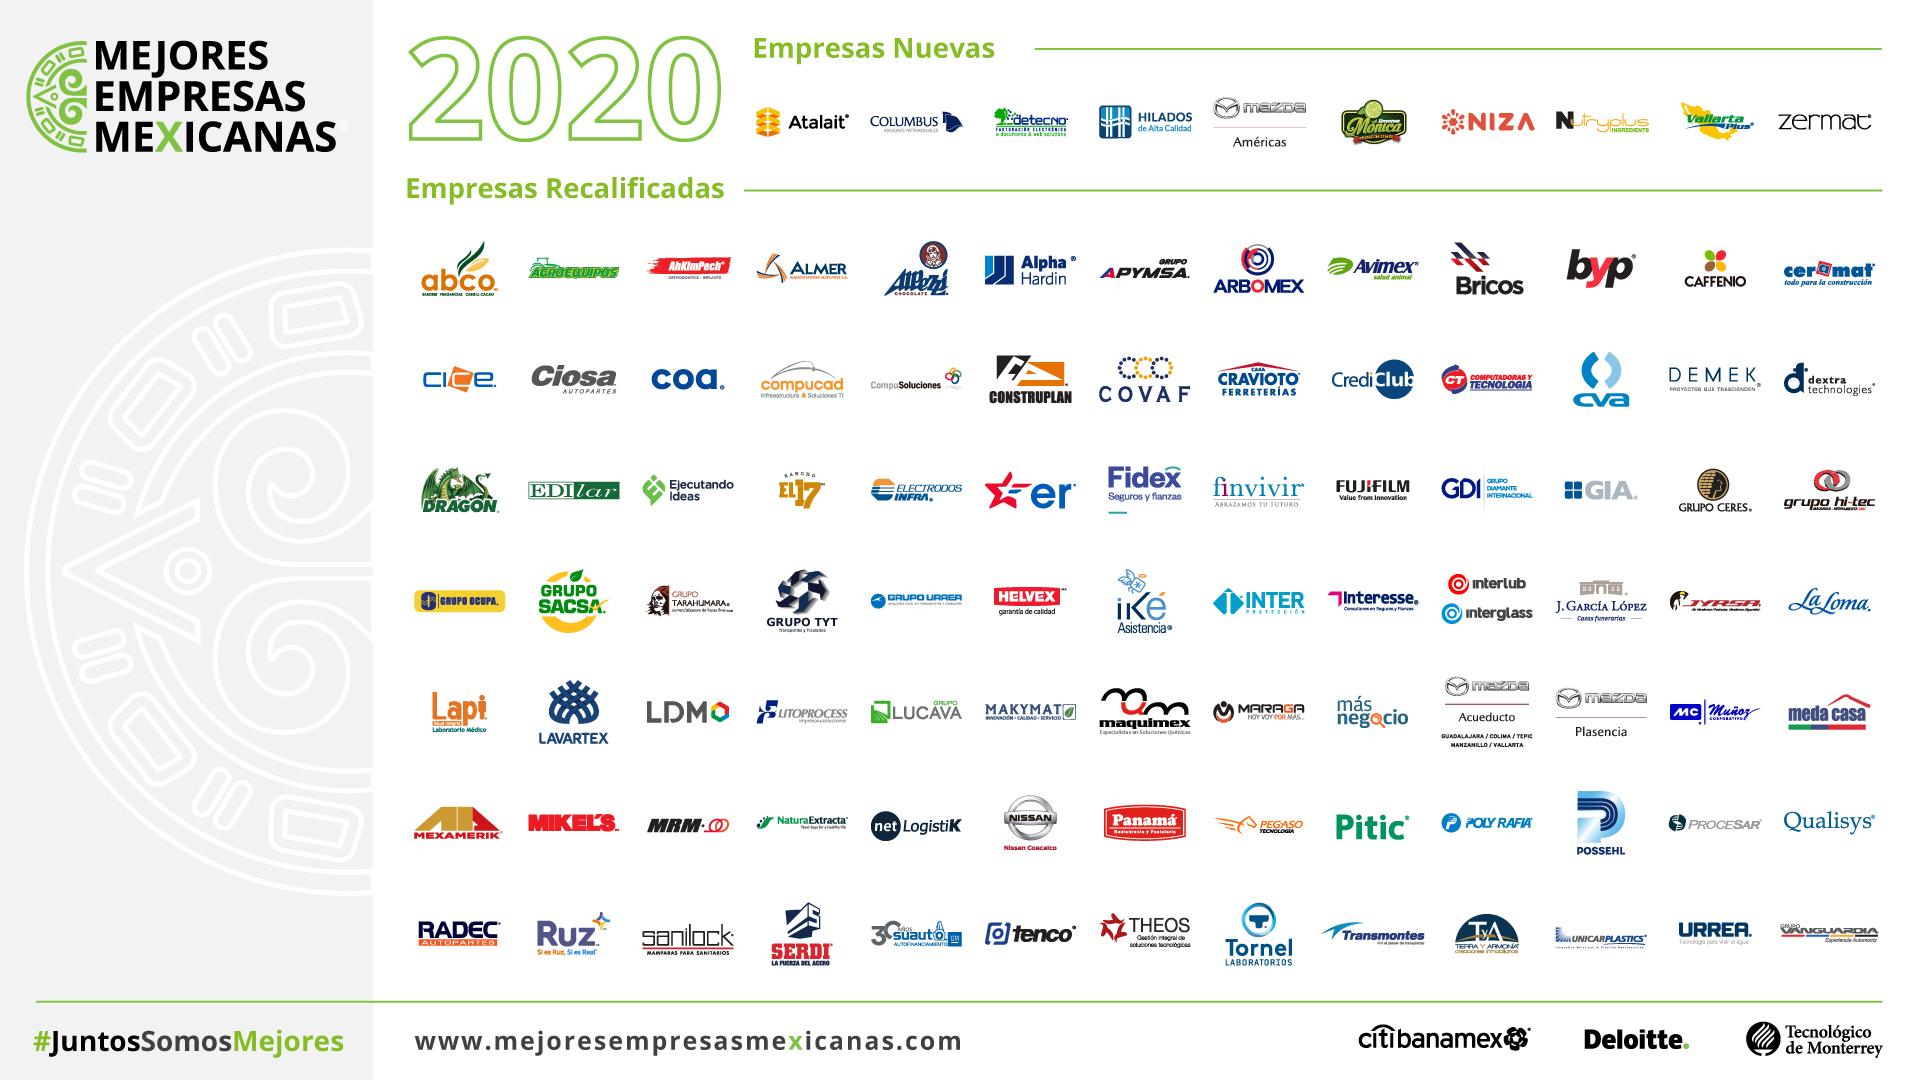 Las mejores empresas medianas mexicanas 2020